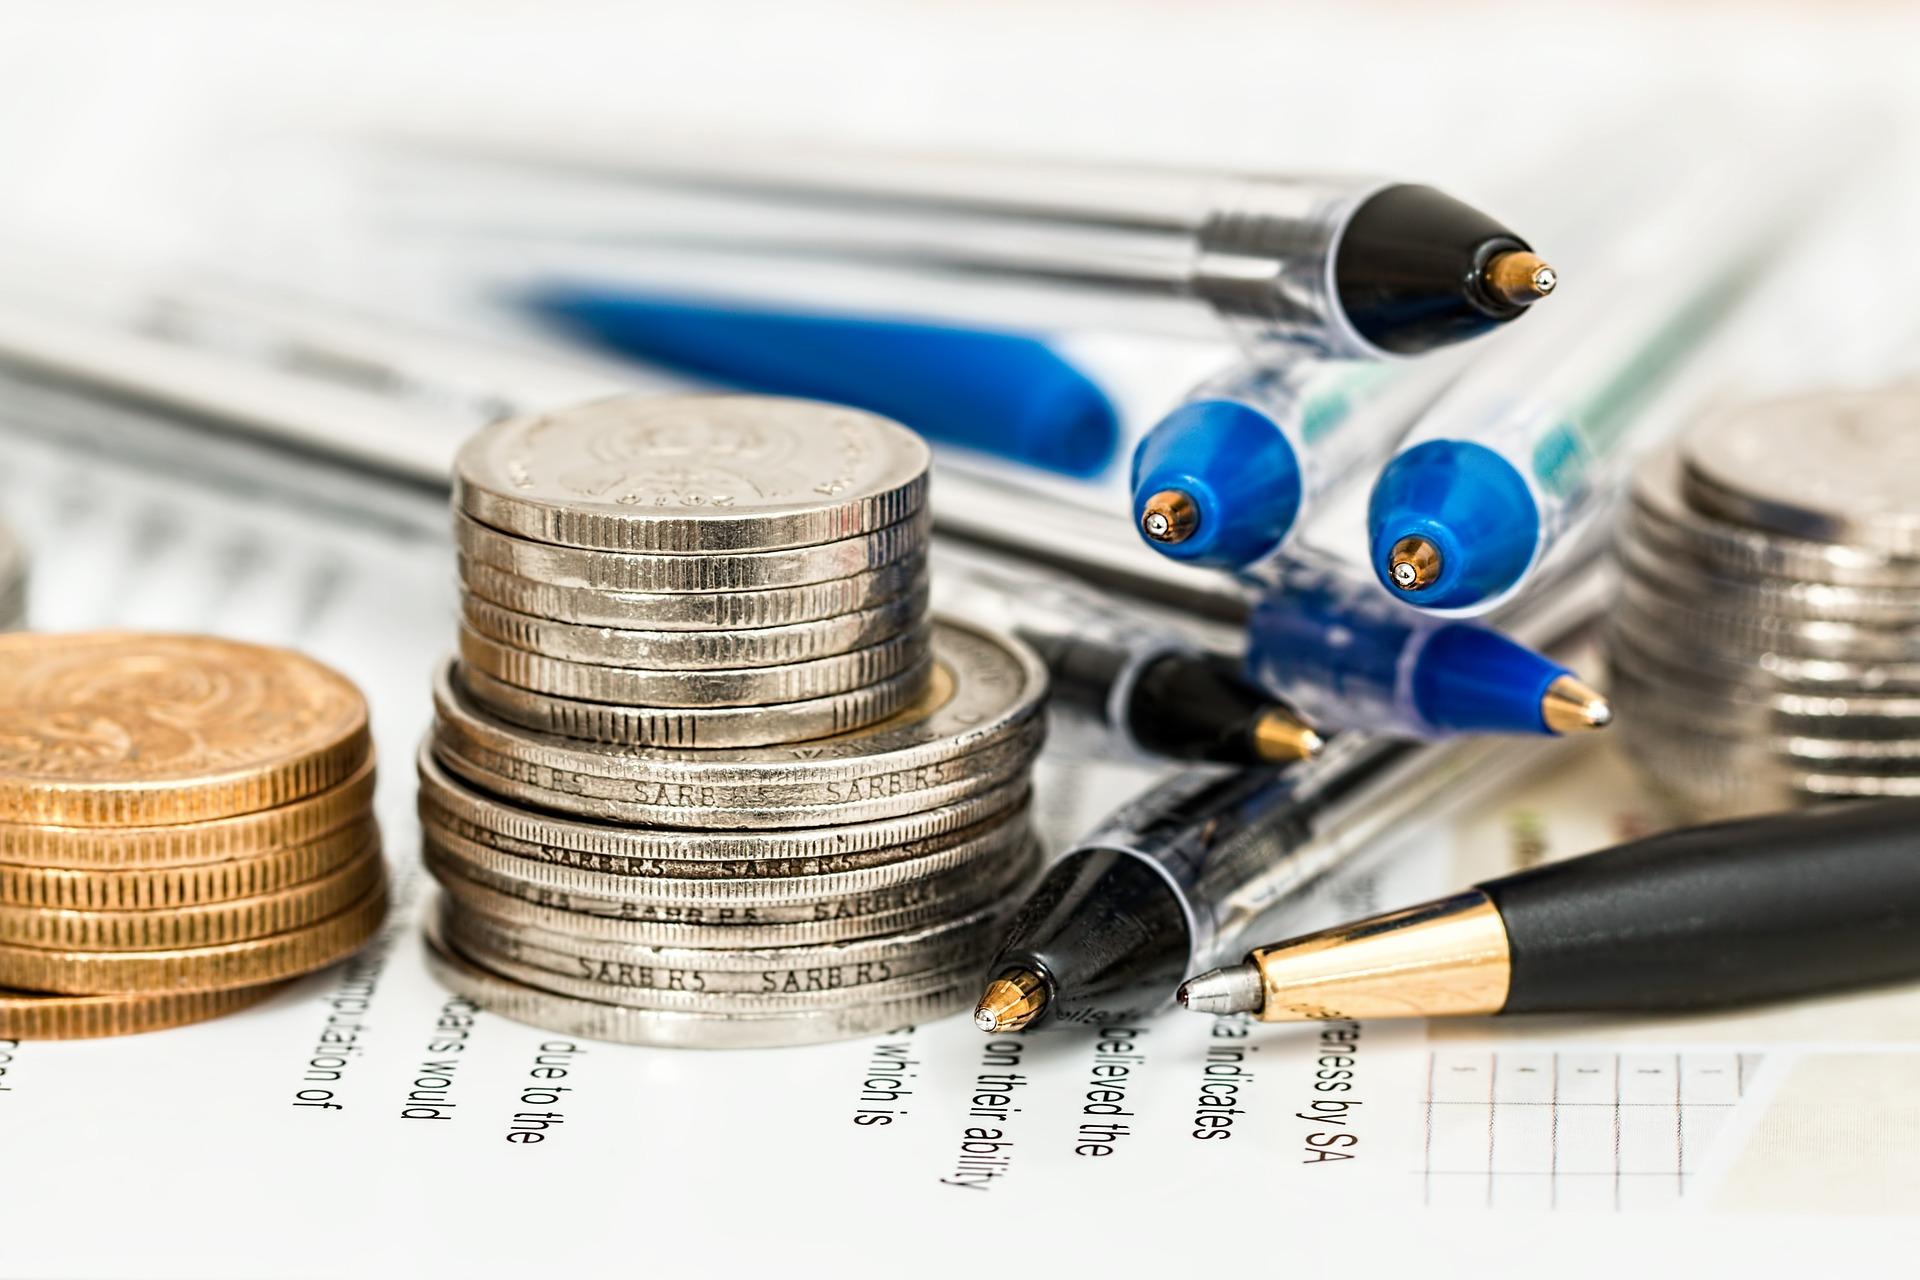 Jak vyplnit dodatečné daňové přiznání?